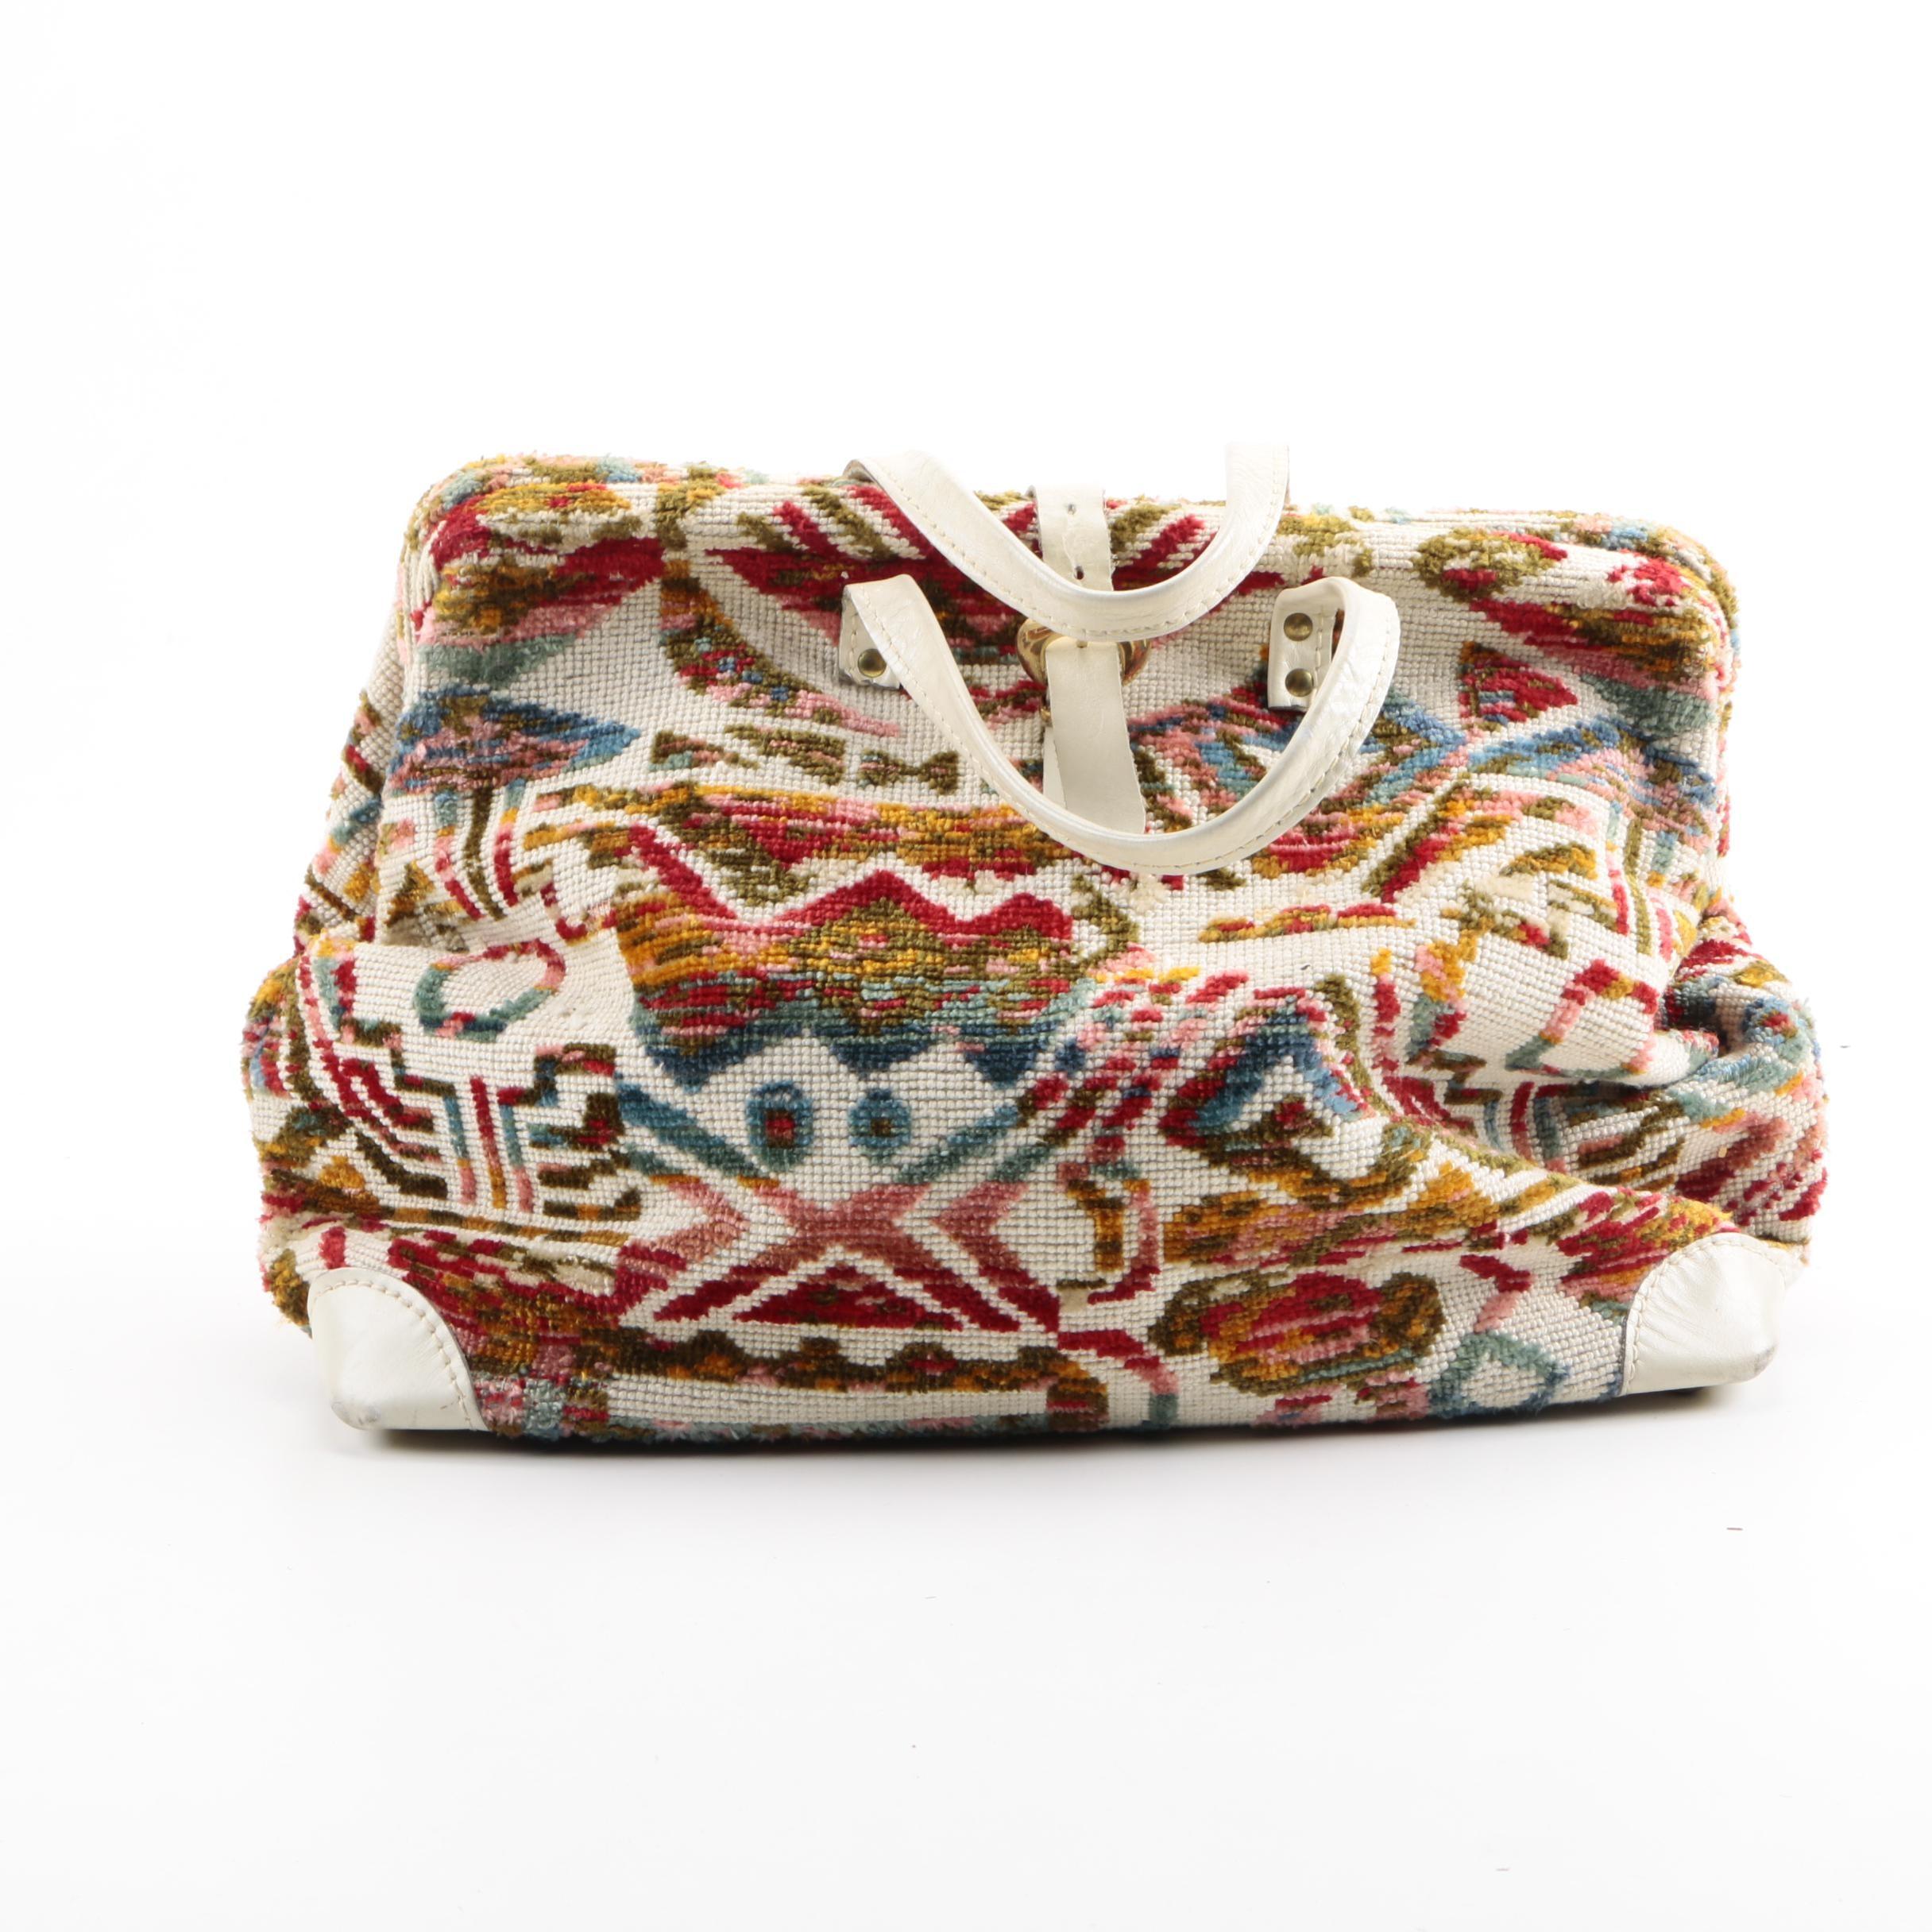 1960s Vintage Lee Stemer Carpet Bag